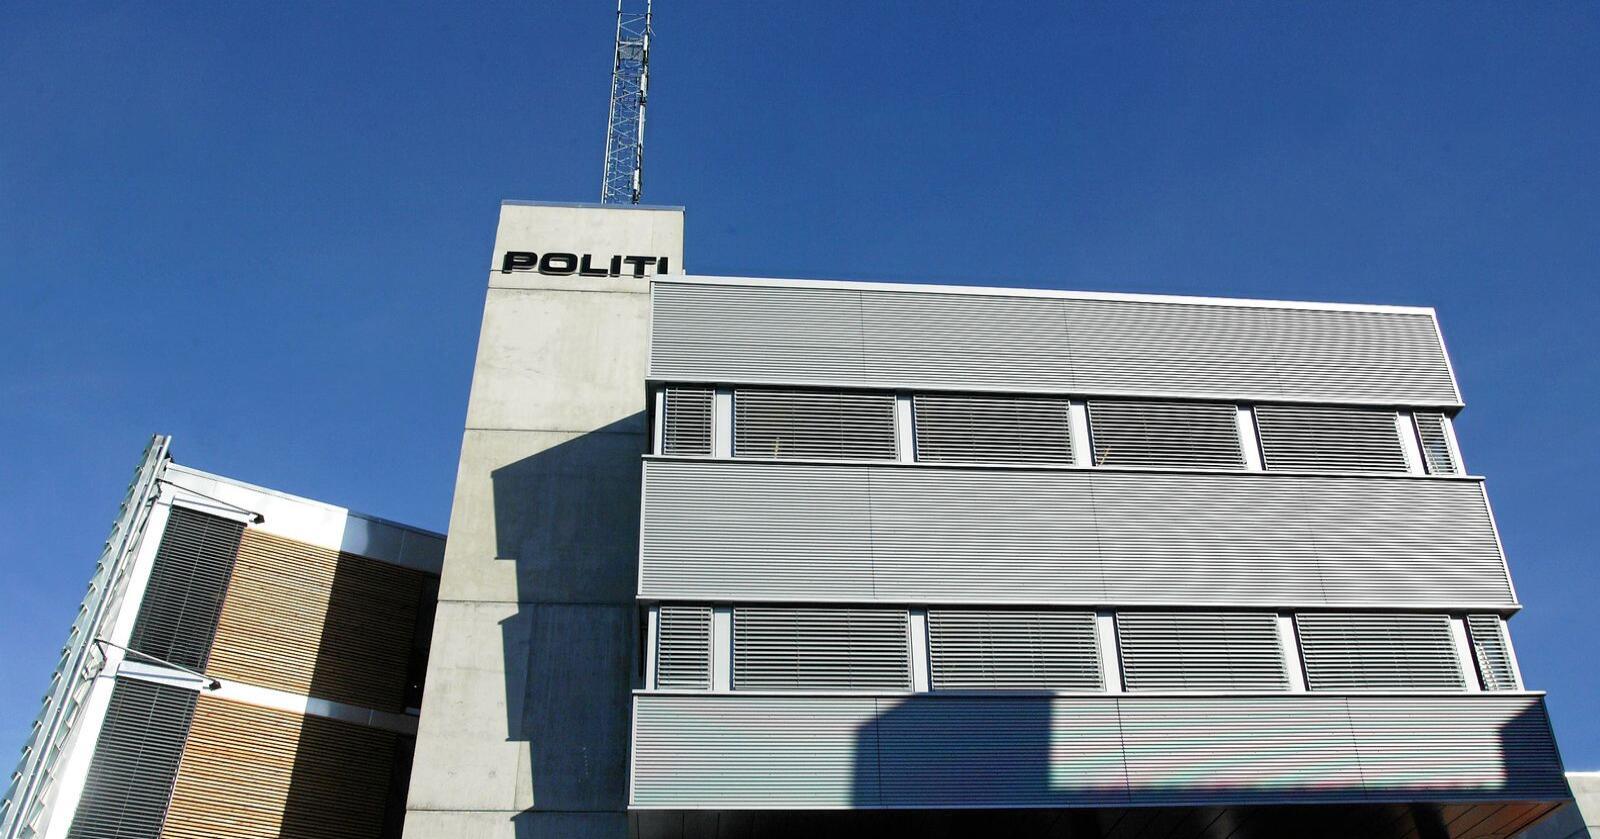 Politihuset i Sør-Trøndelag politidistrikt. Det er nå undersøkt hvorfor Trøndelag politidistrikt har hatt store utfordringer ved avsnittet som etterforsker overgrep mot barn. Foto: Gorm Kallestad / SCANPIX